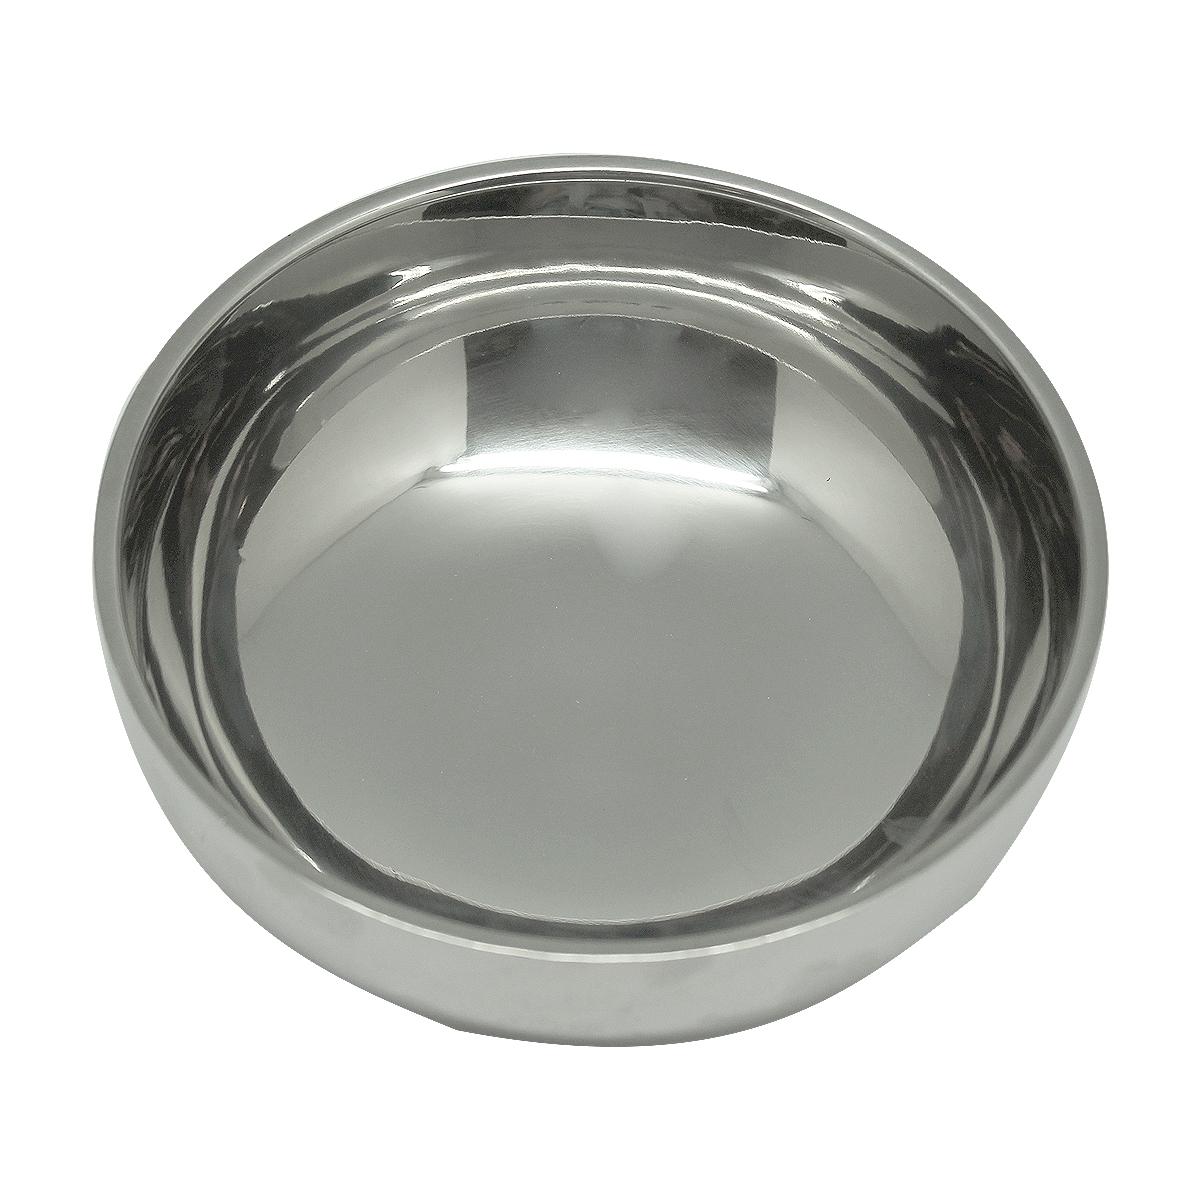 Термомиска походная  Экспедиция , цвет: серый, диаметр 16 см - Туристическая посуда